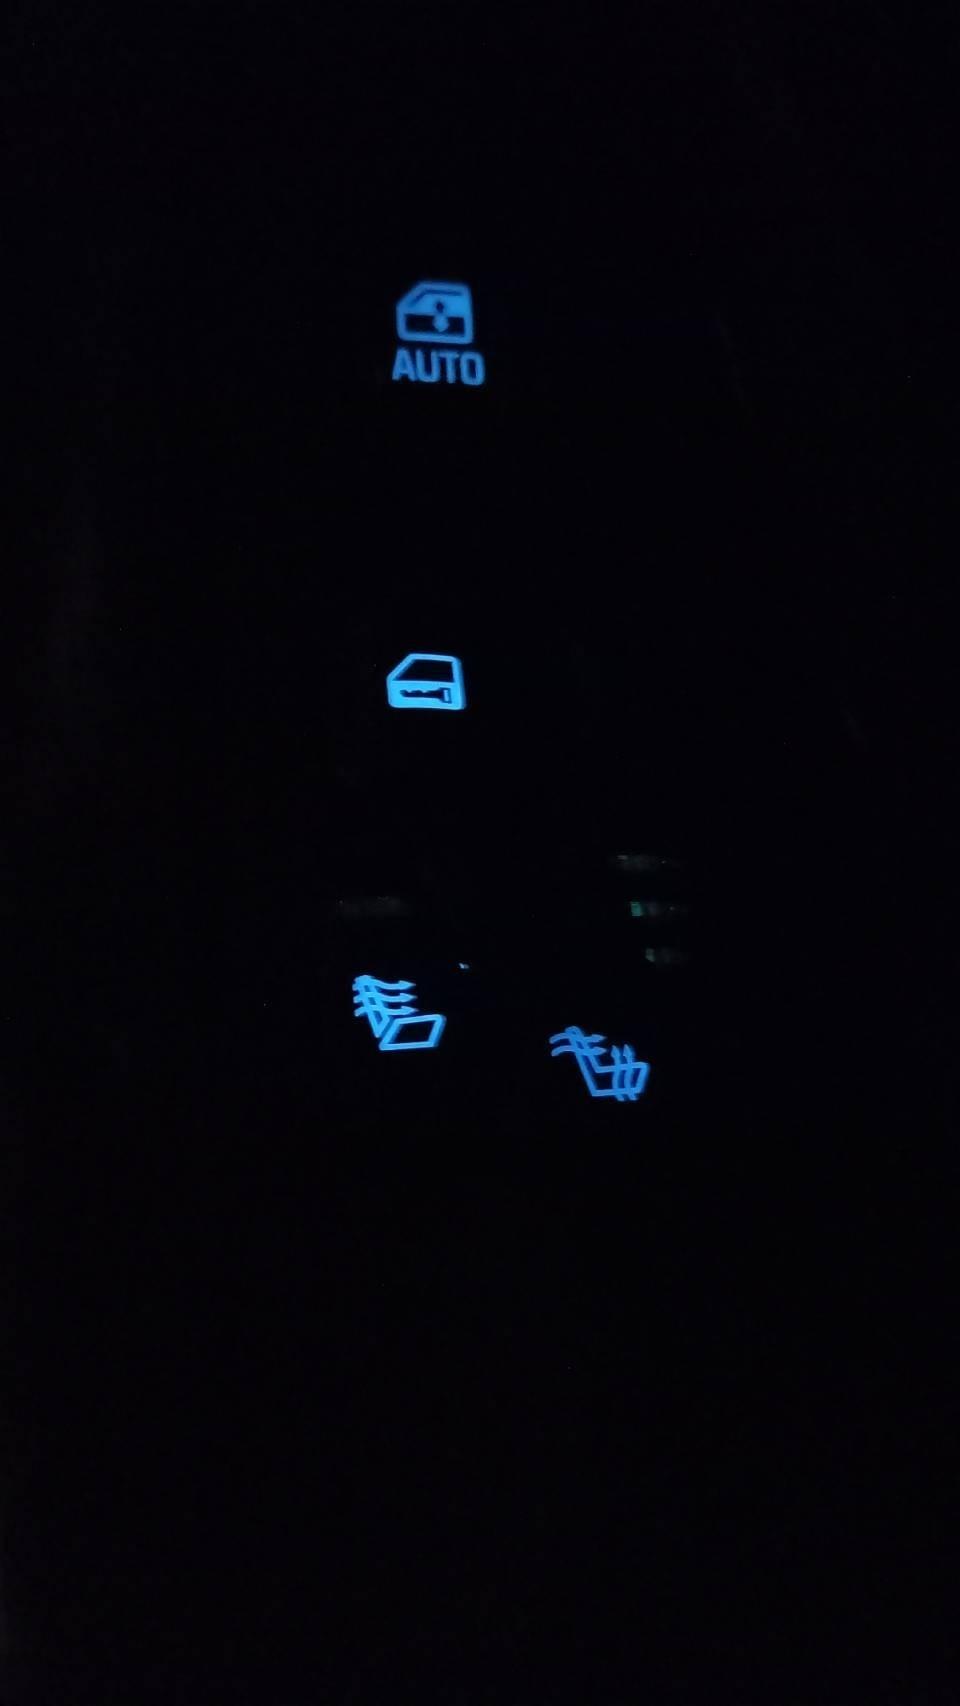 ウインドウコントロールパネル(モジュール)の電球替え①